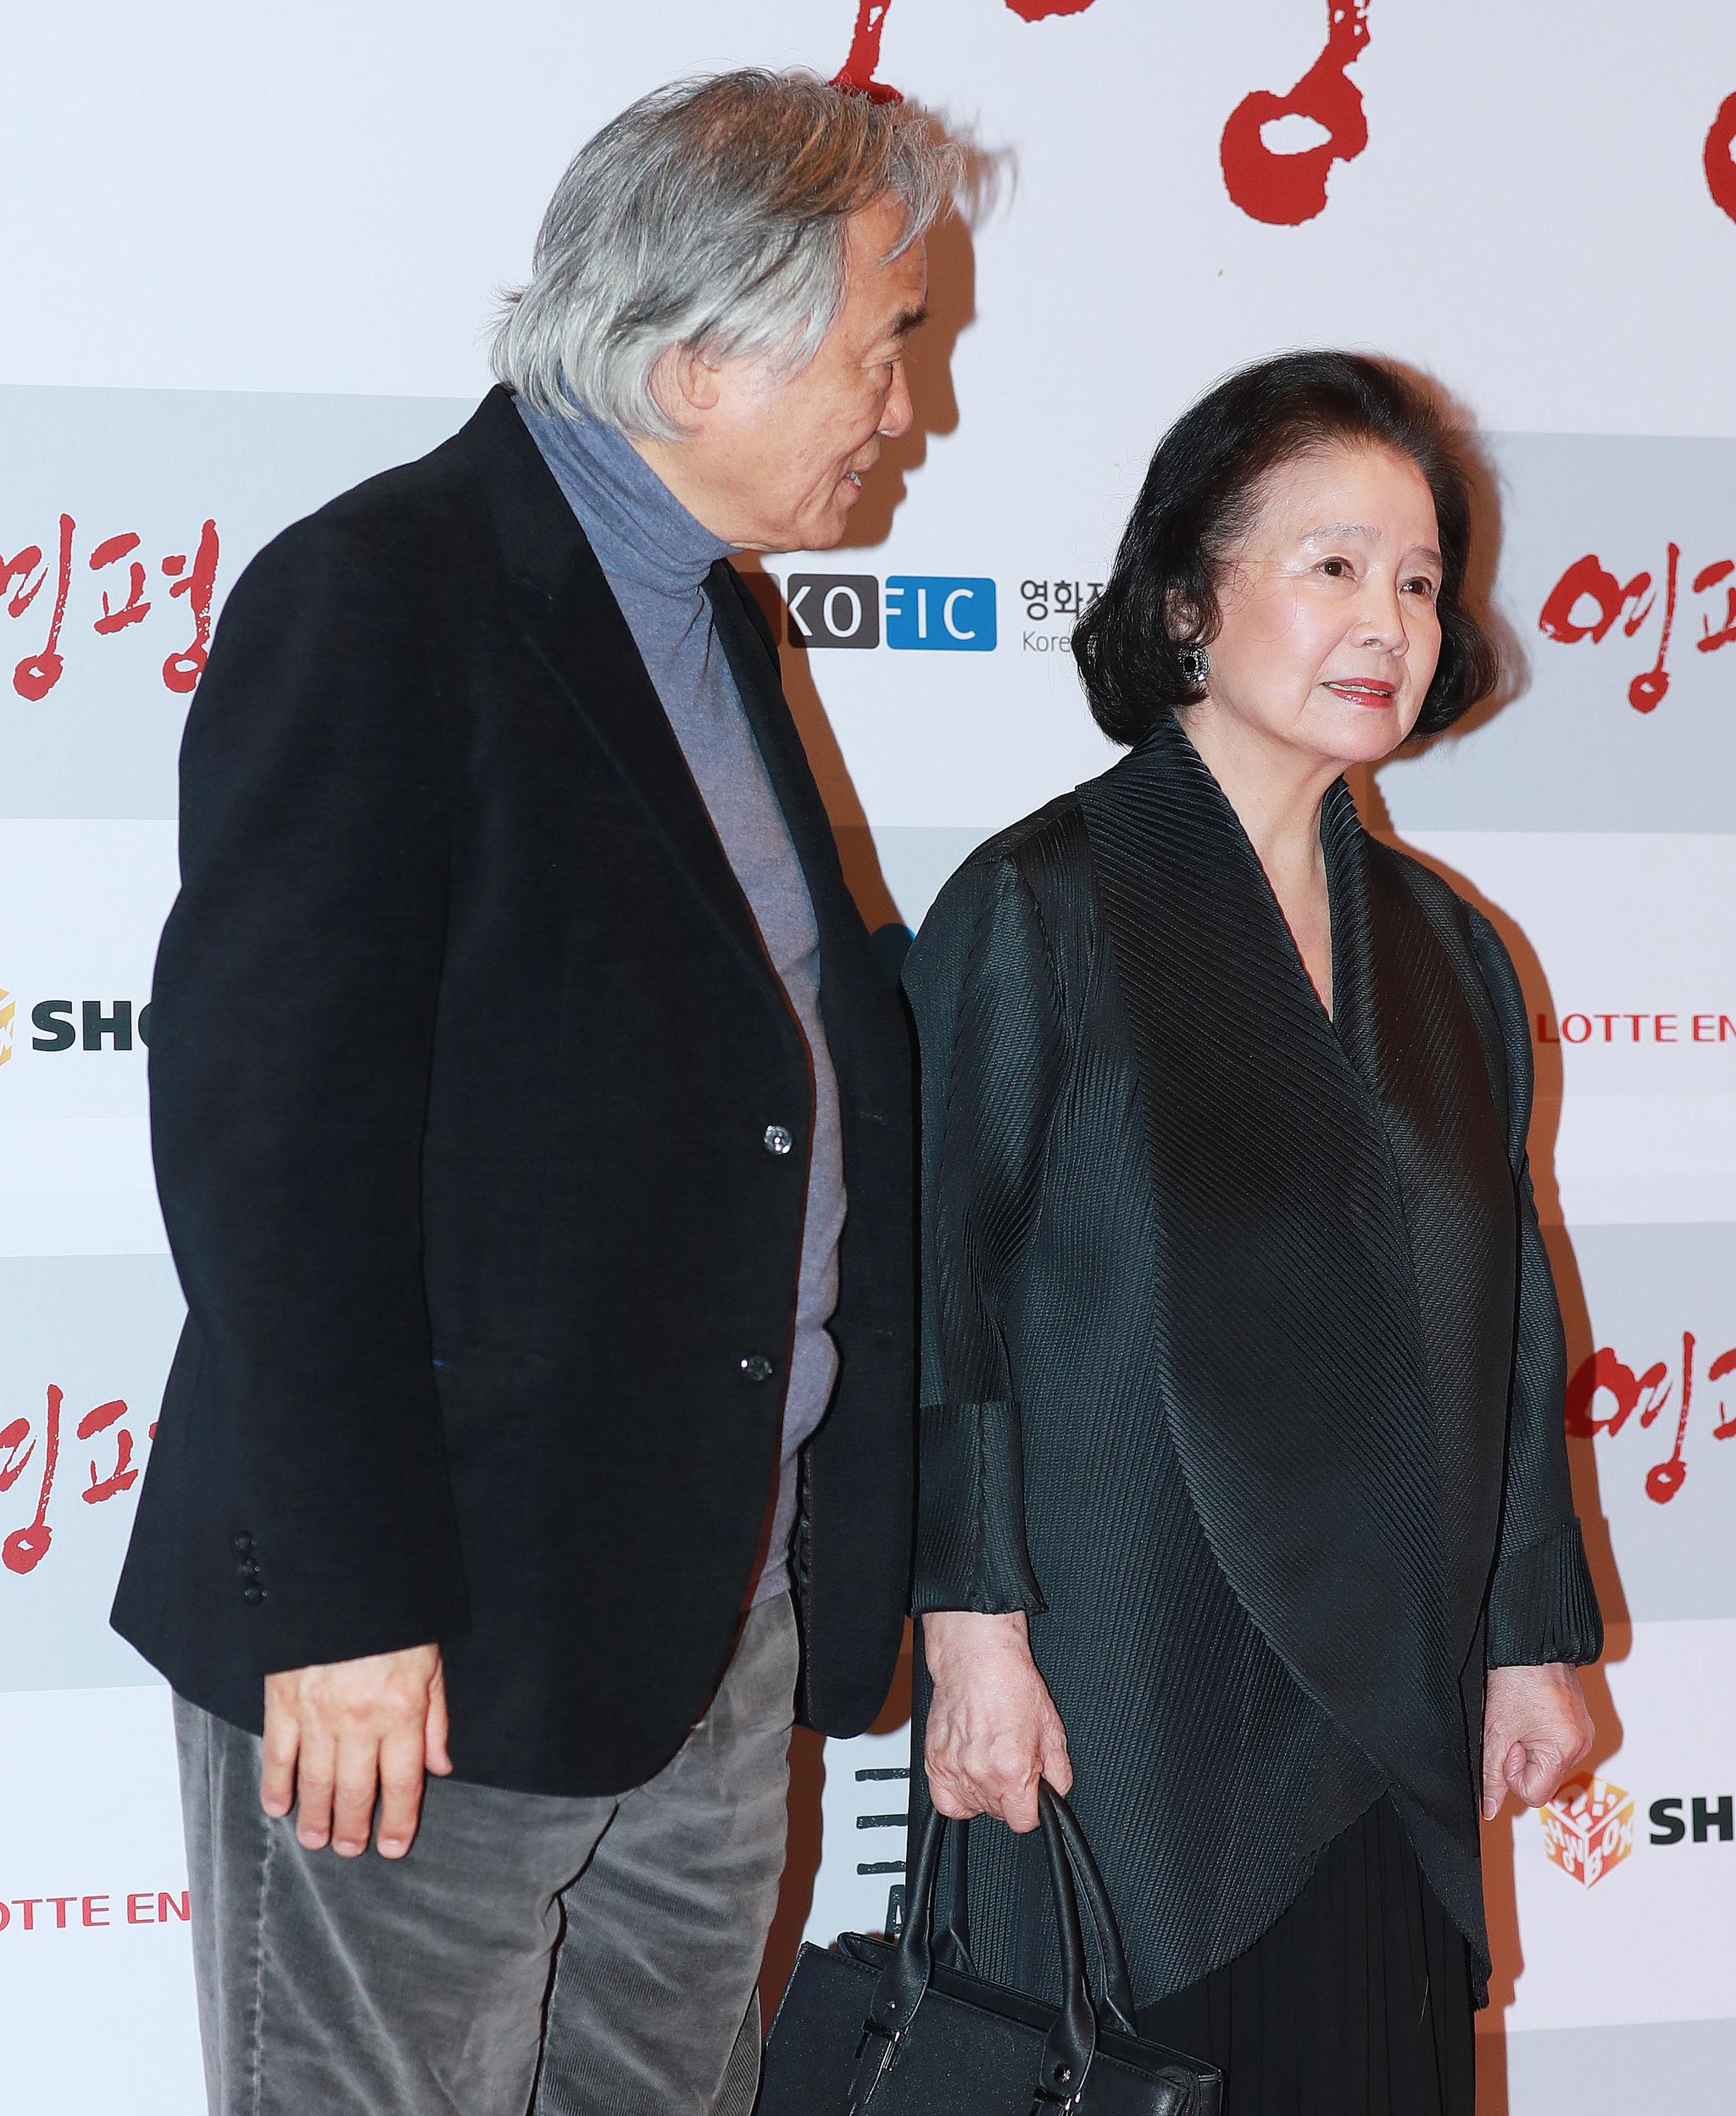 피아니스트 백건우와 배우 윤정희 부부. [일간스포츠]